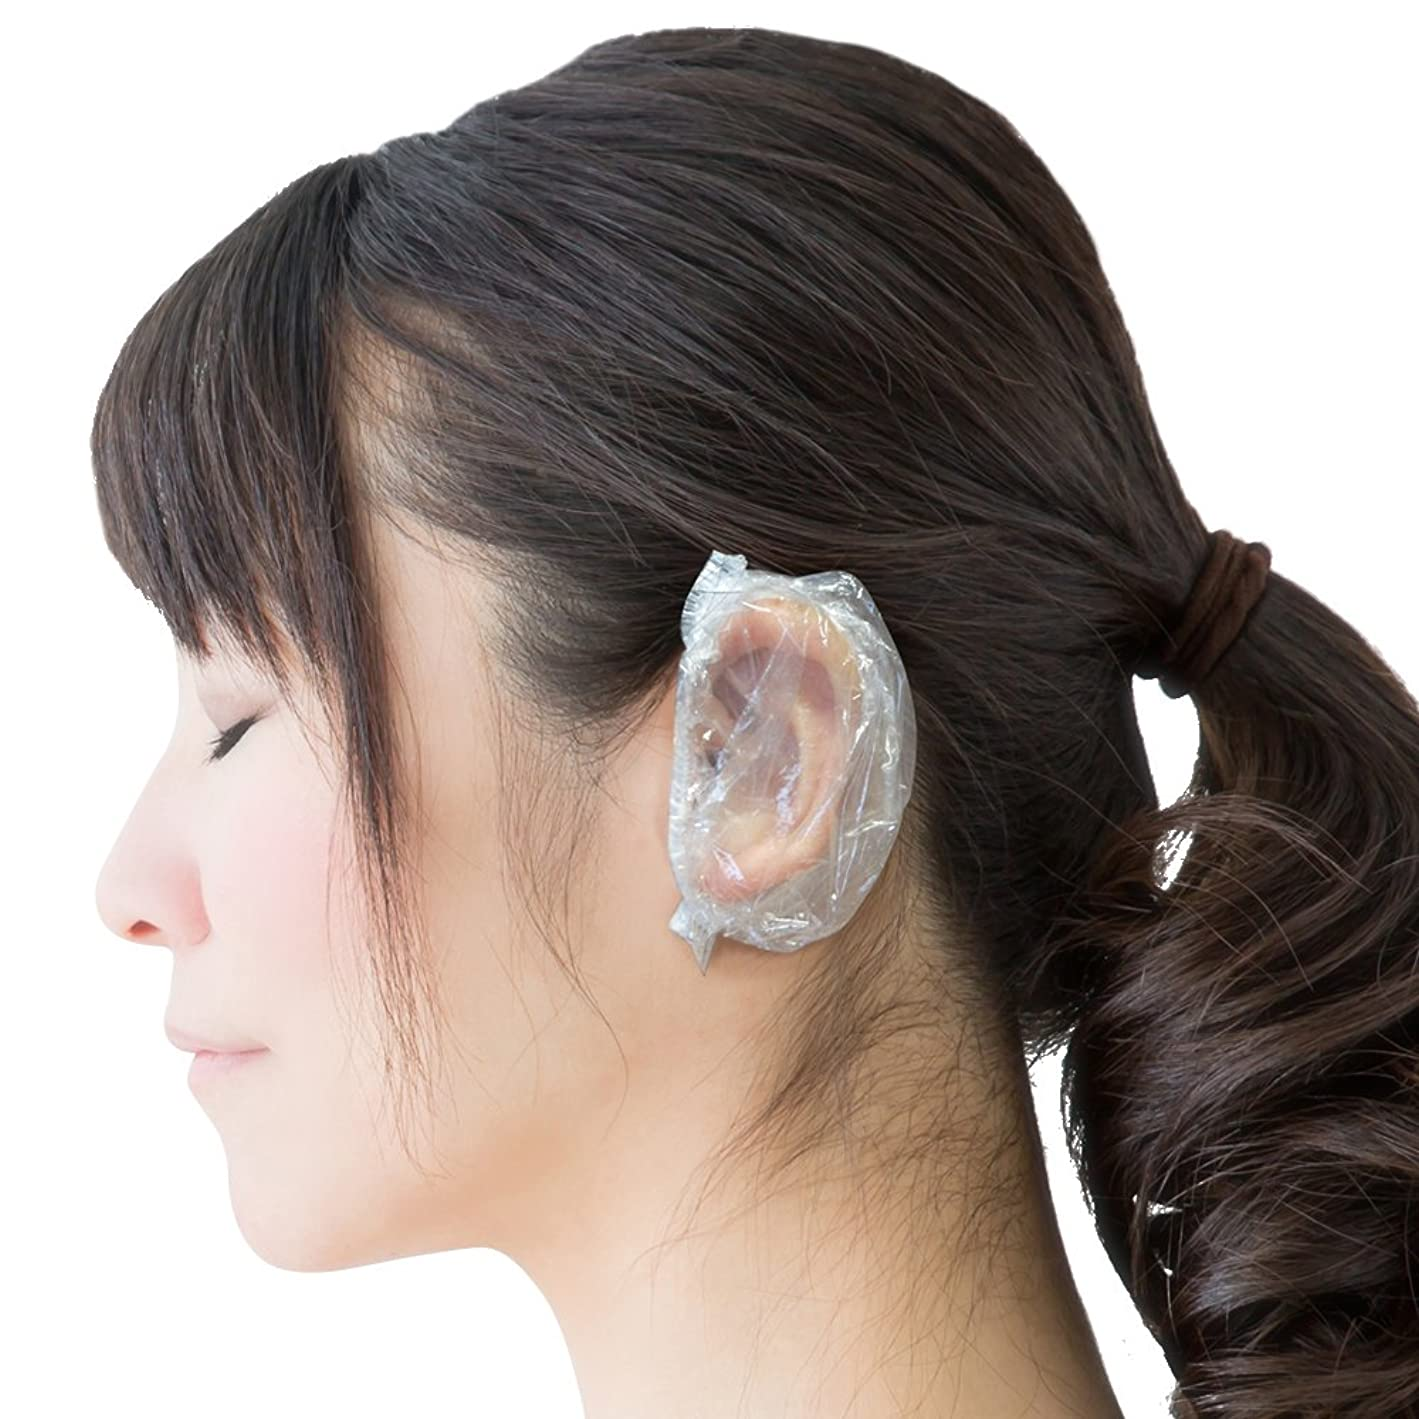 オペラプーノ不透明な【Fiveten】 耳キャップ イヤーキャップ 耳カバー 毛染め 使い捨て 100個